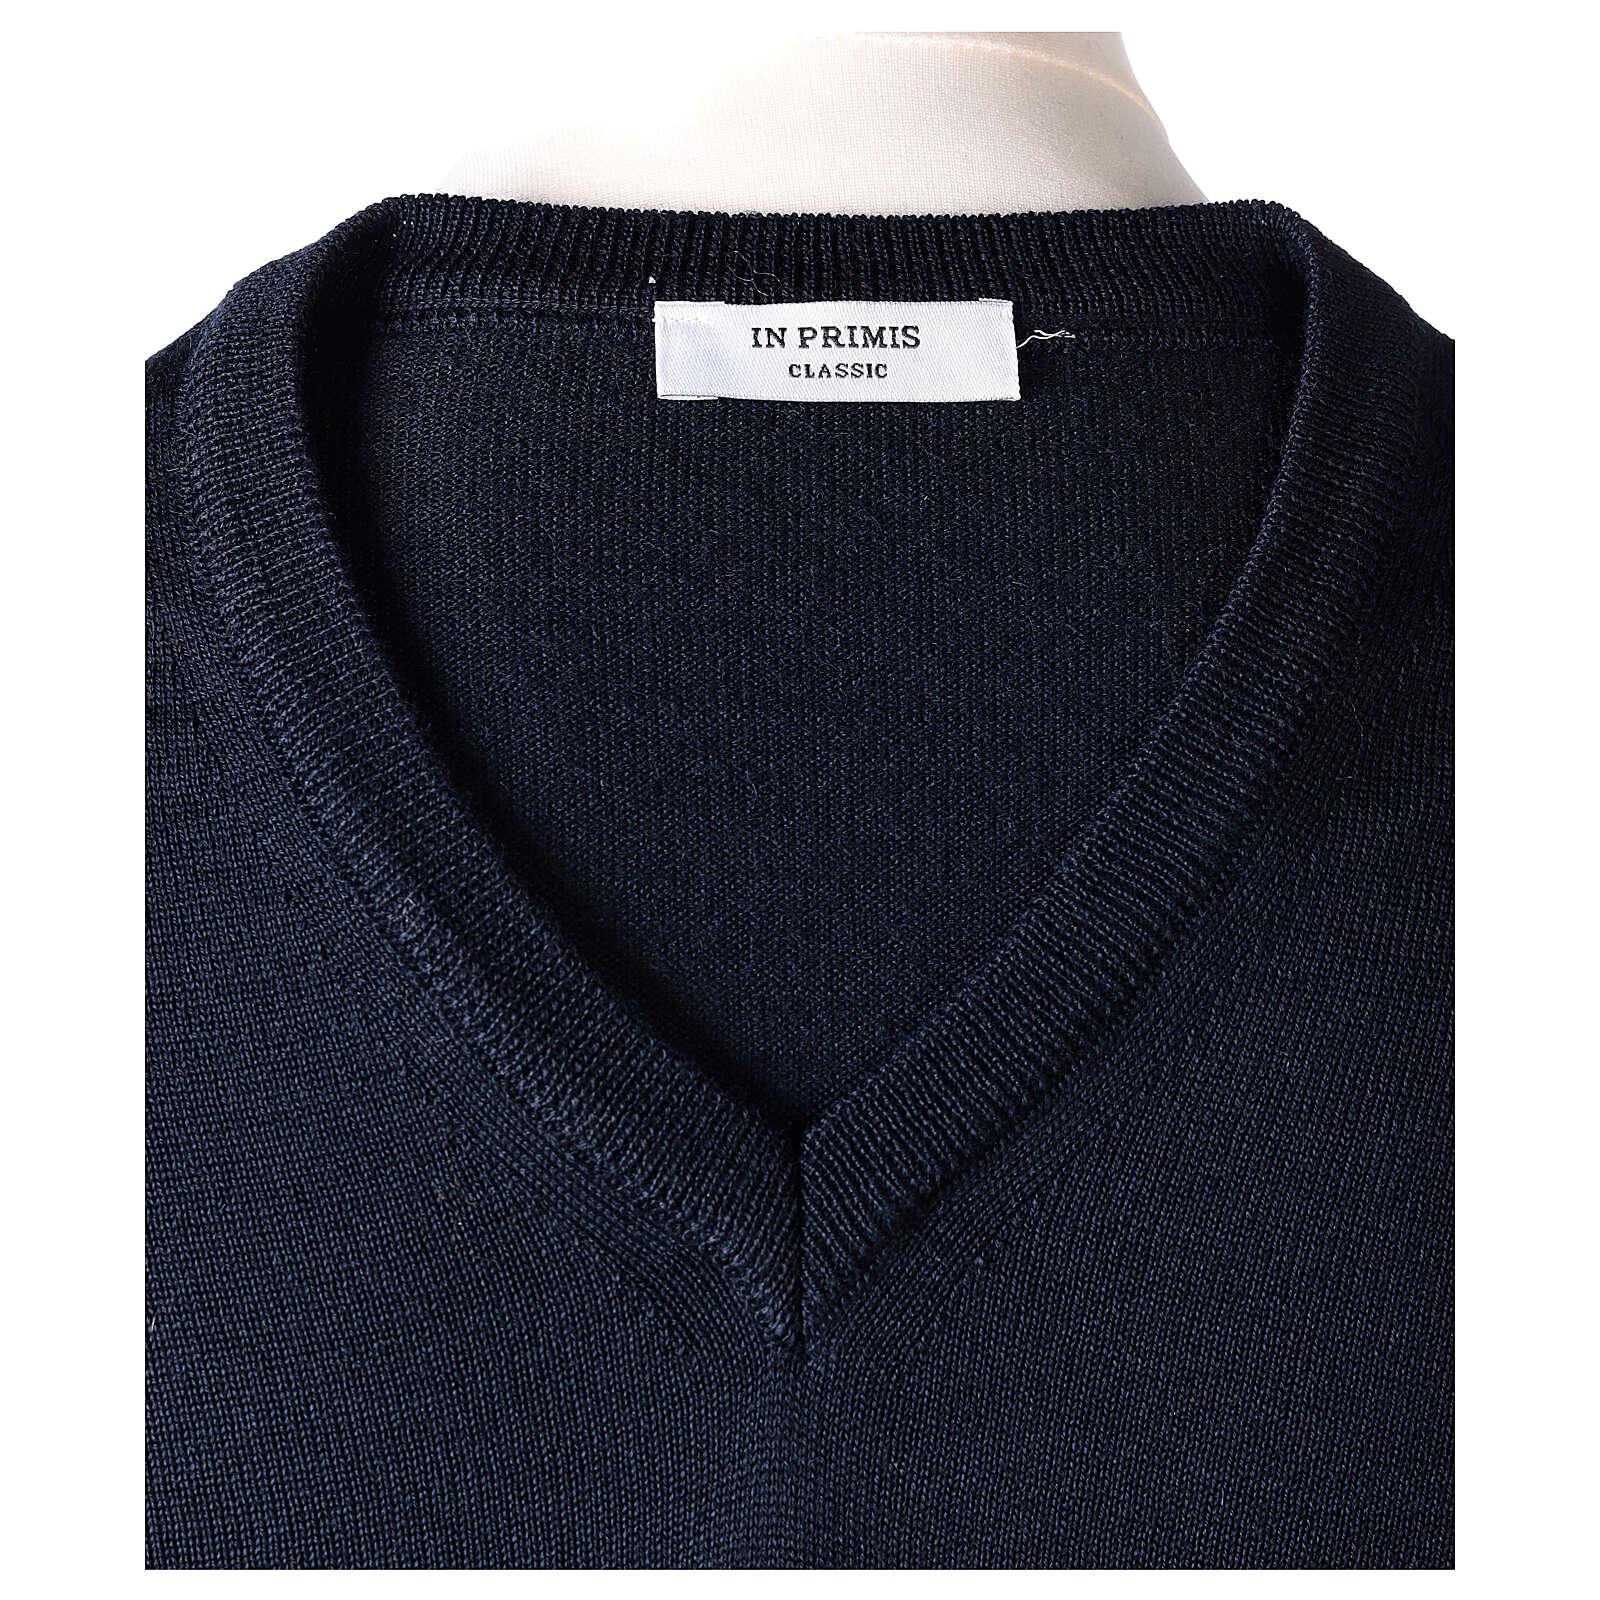 Jersey sacerdote azul punto al derecho cuello V 50% lana merina 50% acrílico In Primis 4